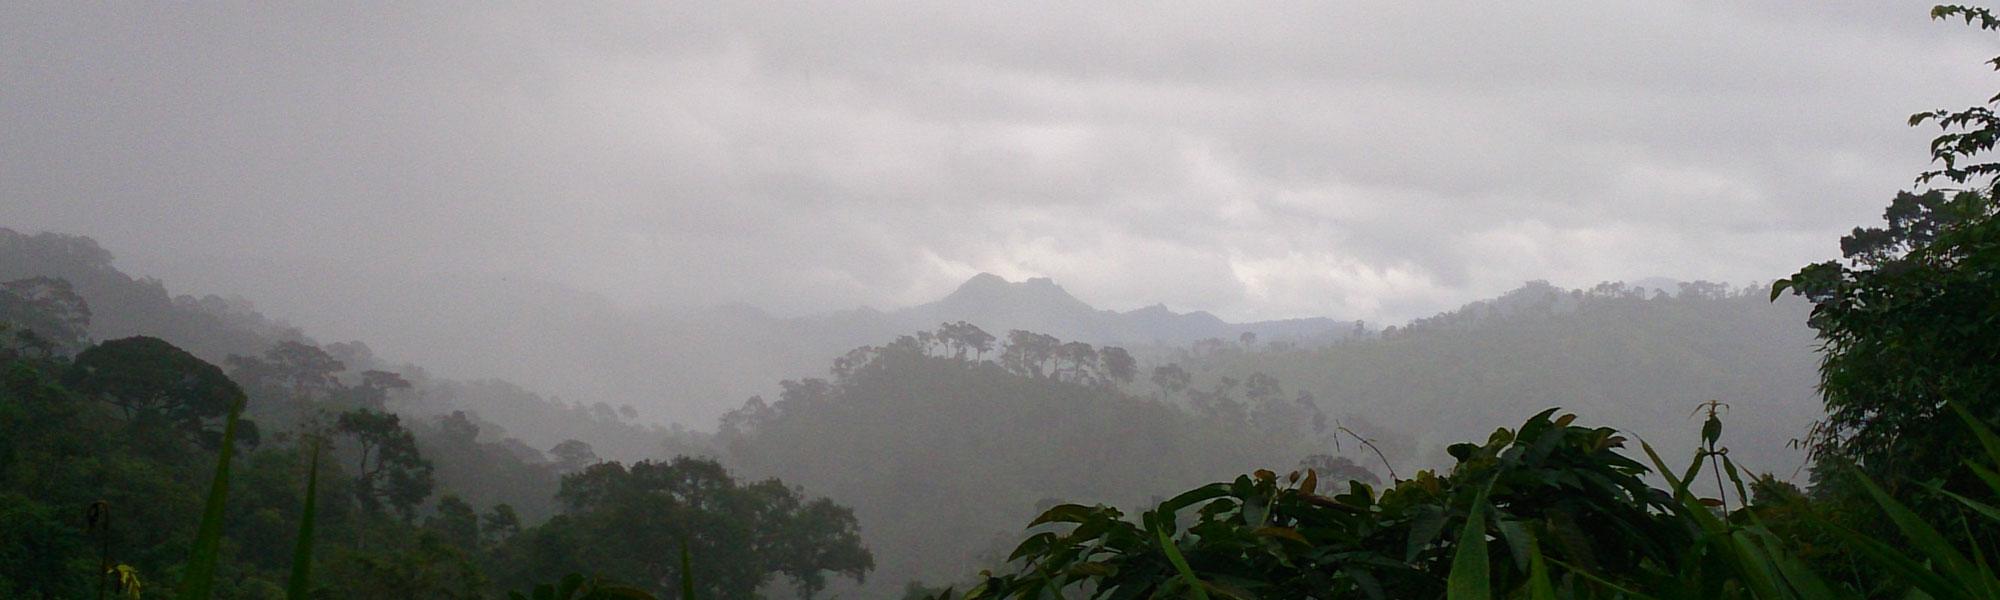 Trekking in Kanchanaburi